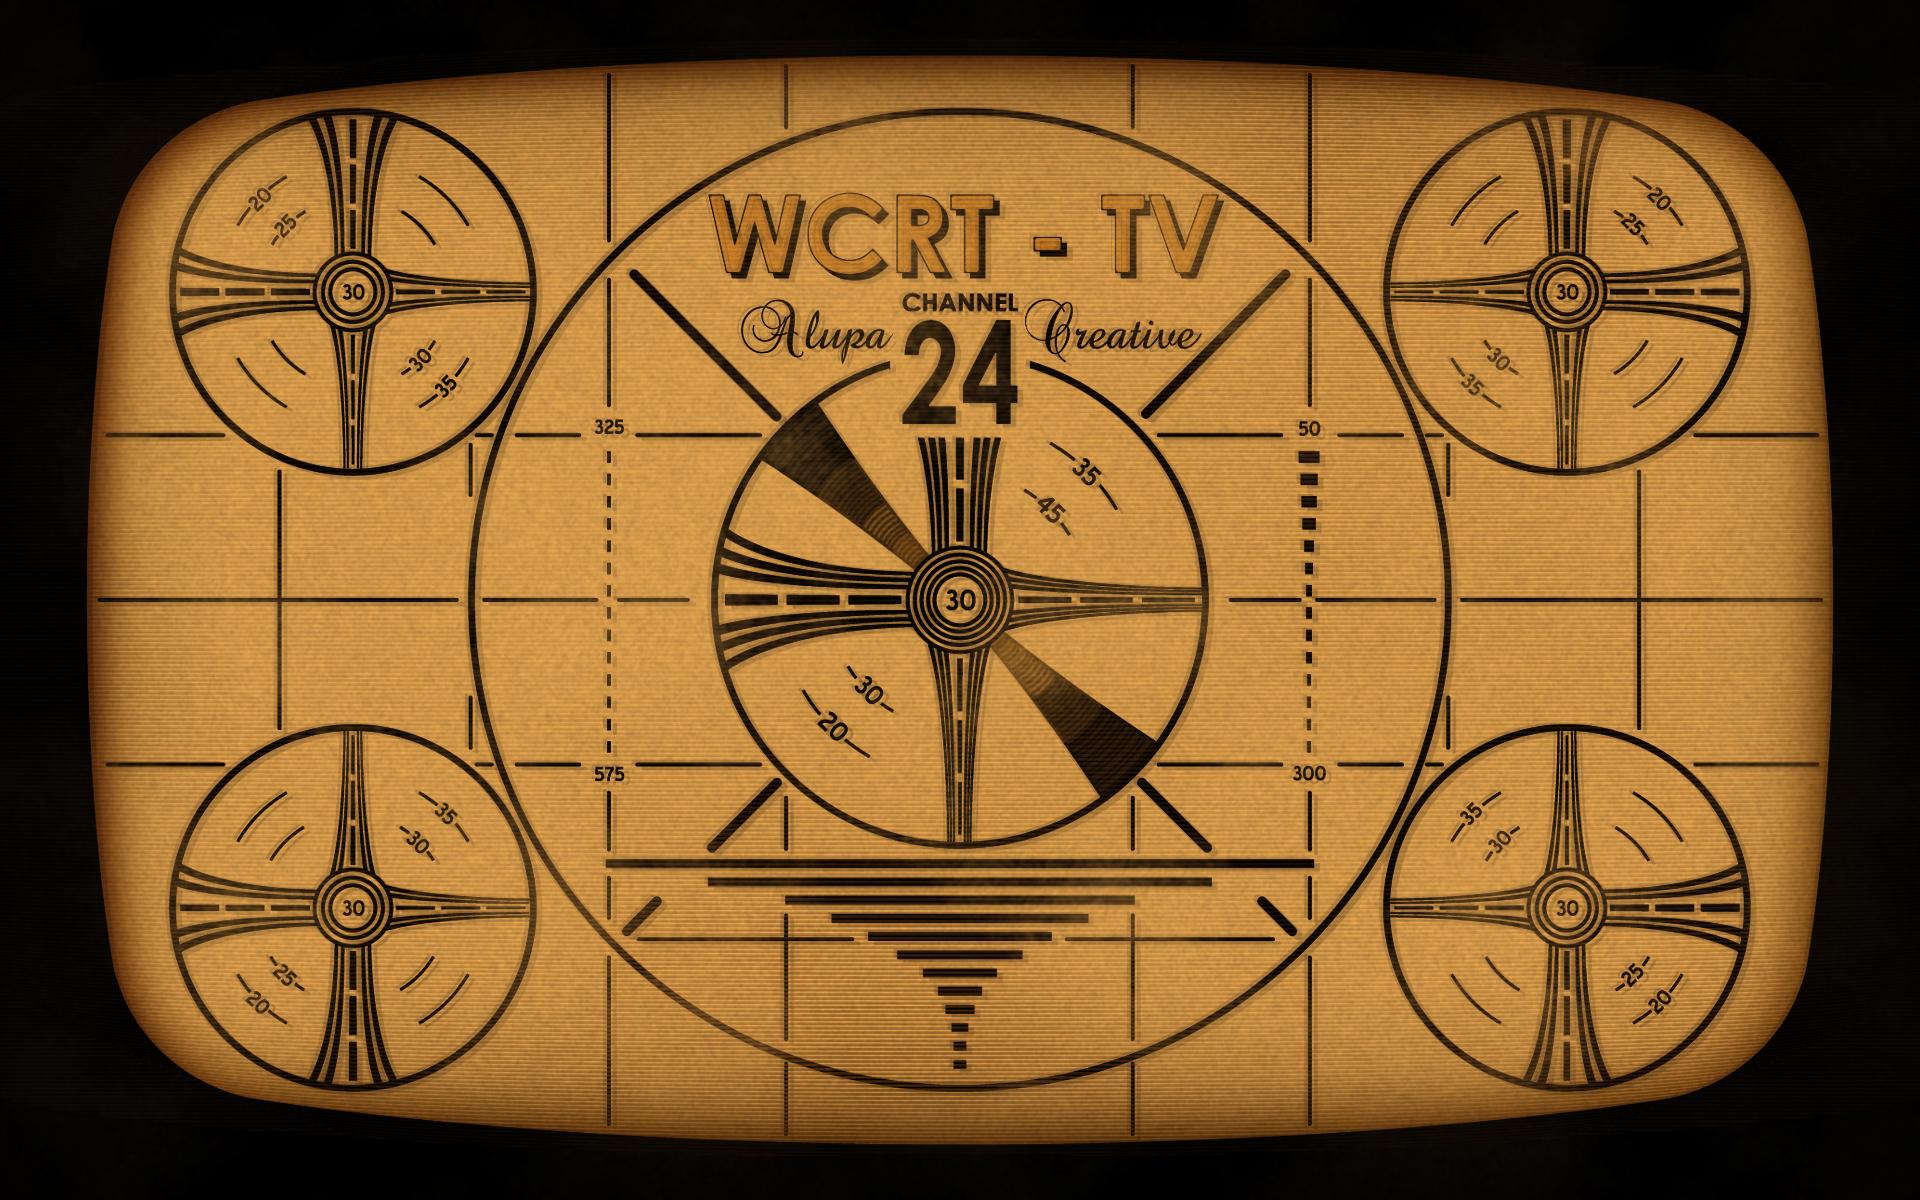 Old Tv Screen Wallpaper Tv test screen wallpaper 1920x1200